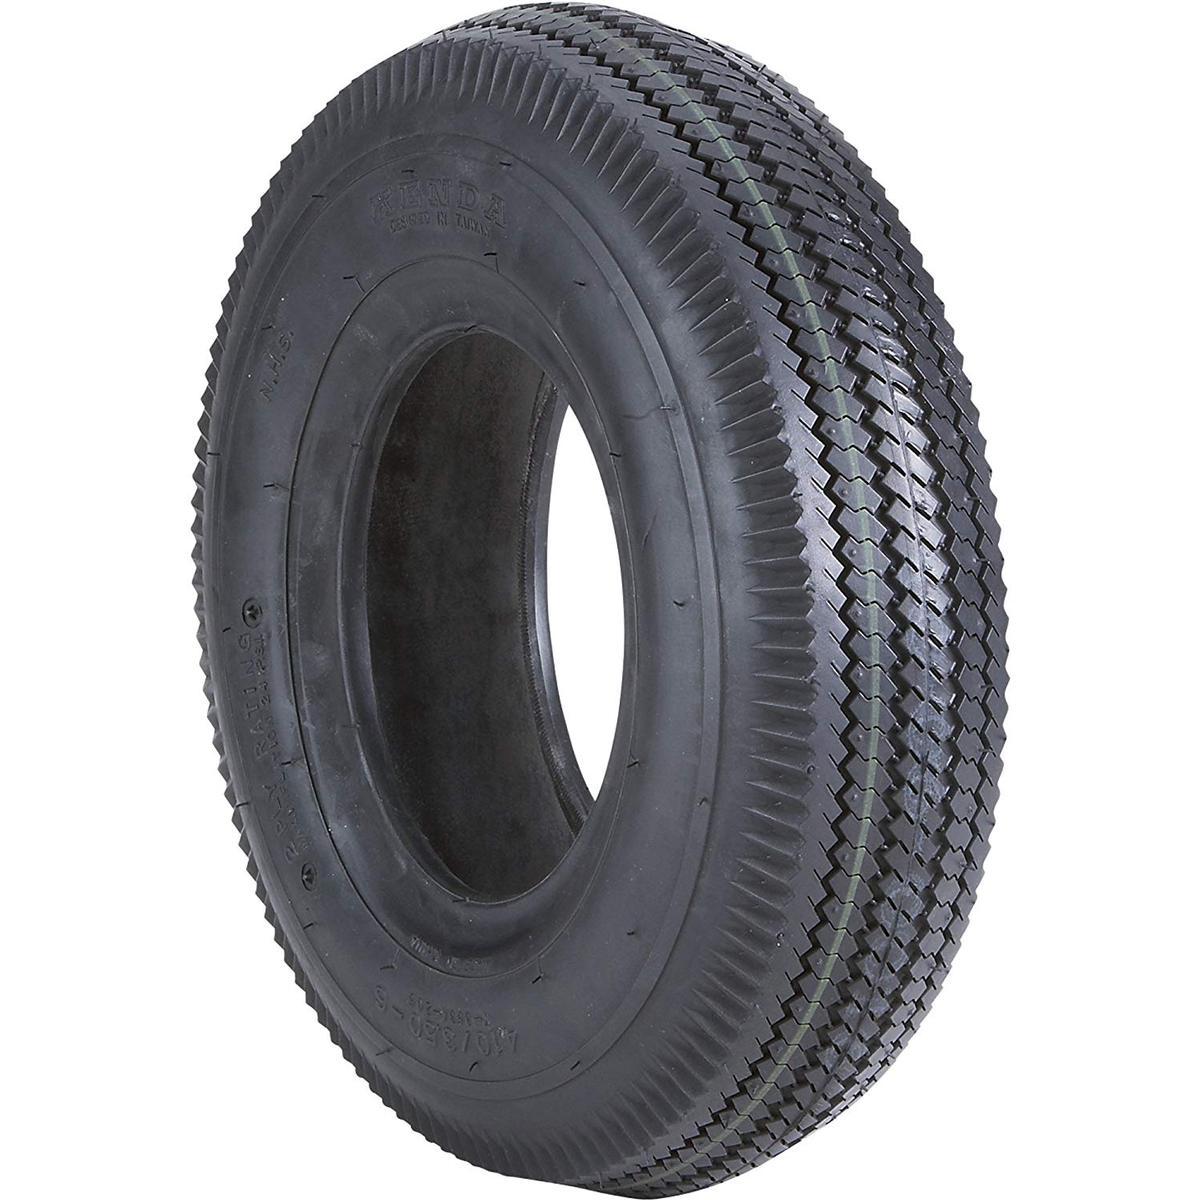 Kenda K353A Sawtooth 4.10-6 6 Ply Yard - Lawn Tire